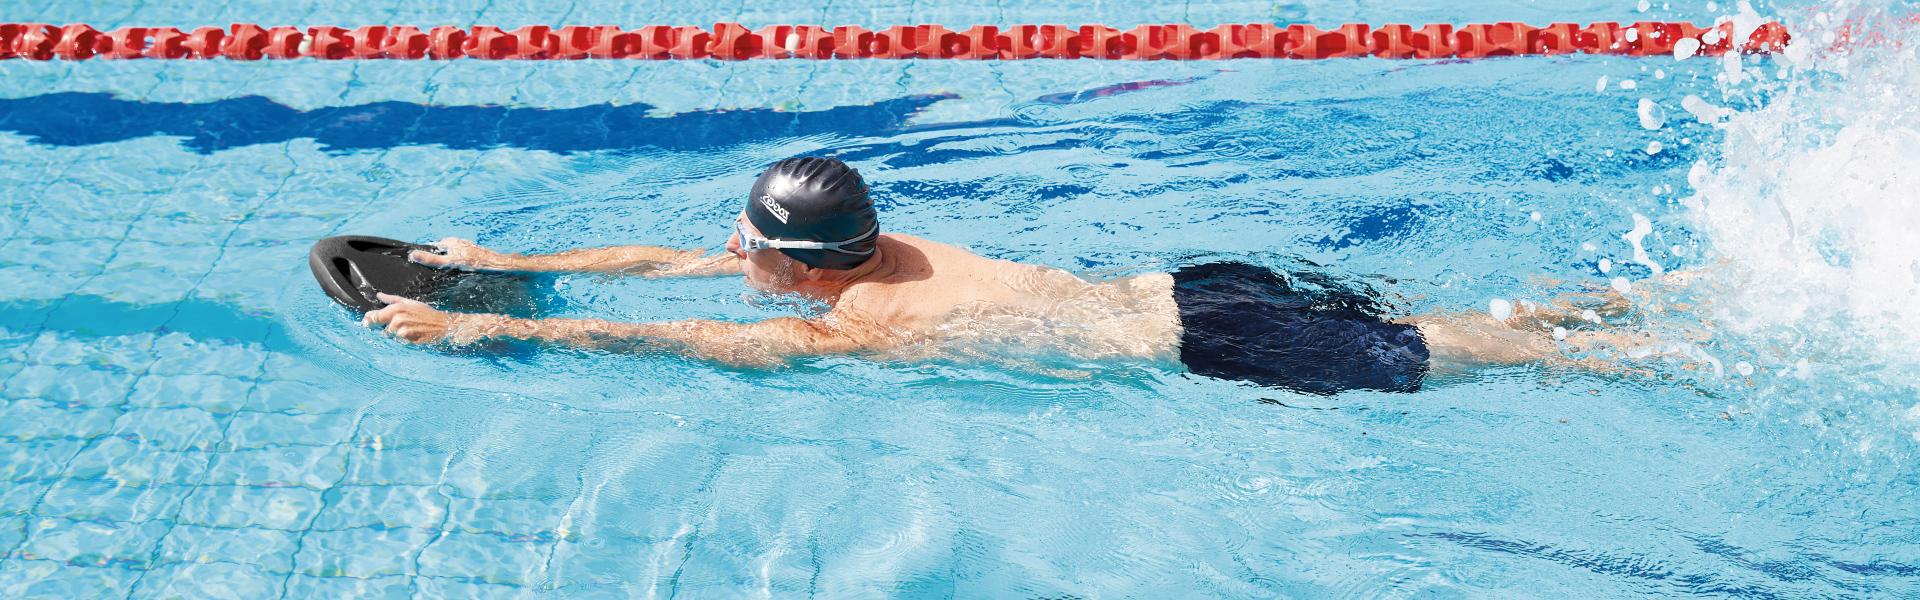 Using training aids to improve your swim technique [videos]